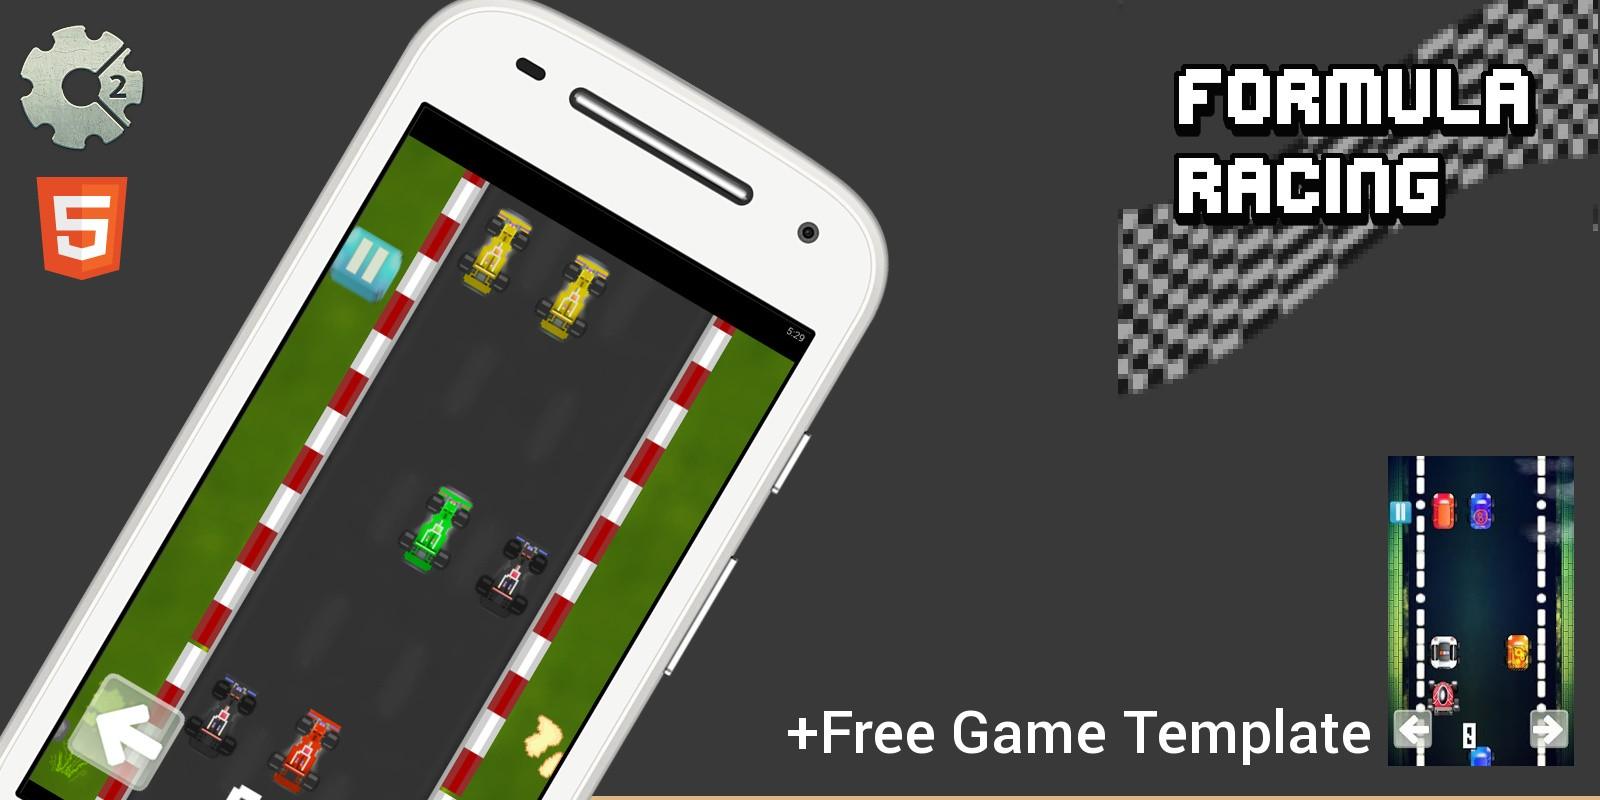 Formula Racing - Construct 2 Game Template